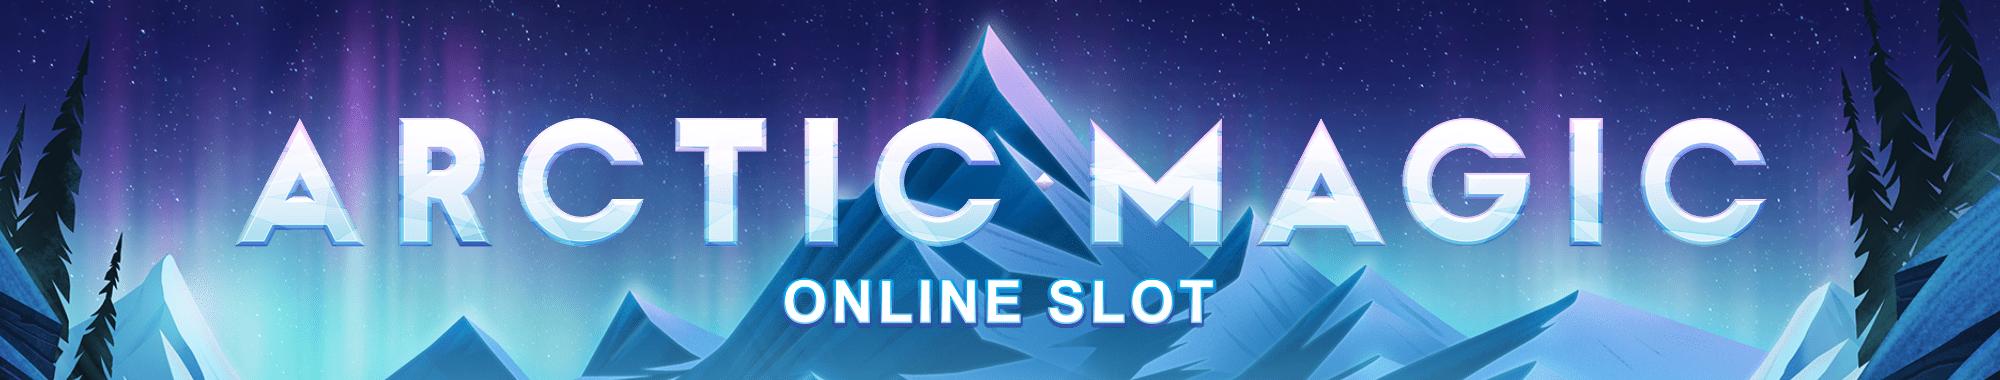 Arctic Magic Slots Wizard Slots